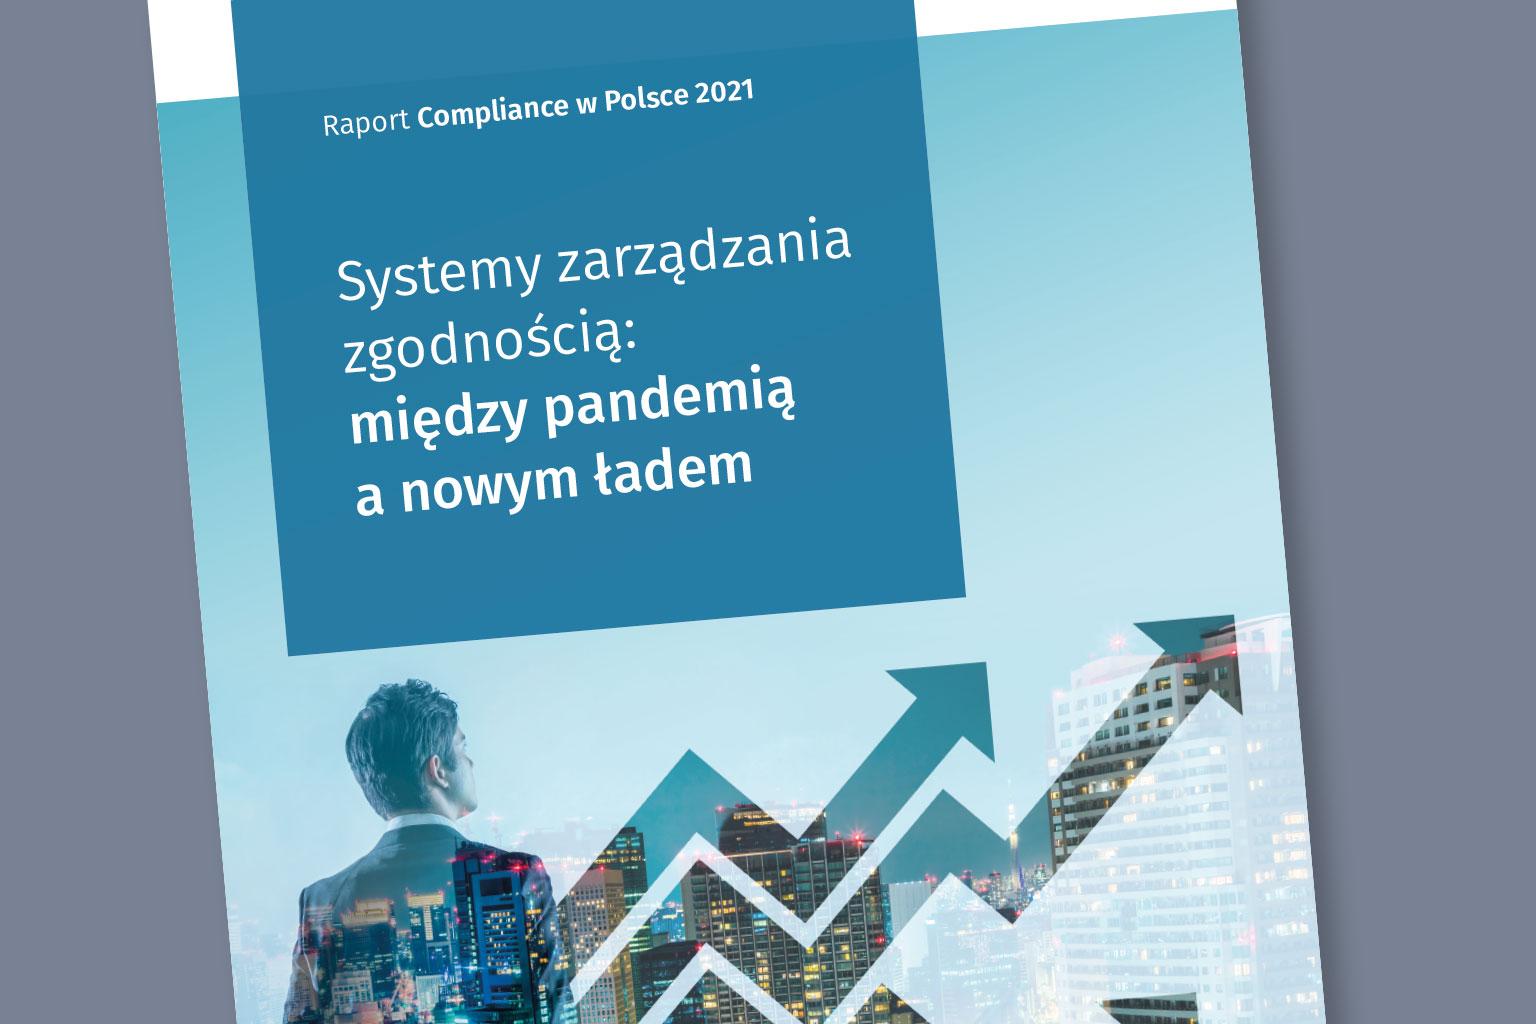 Systemy zarządzania zgodnością: między pandemią a nowym ładem